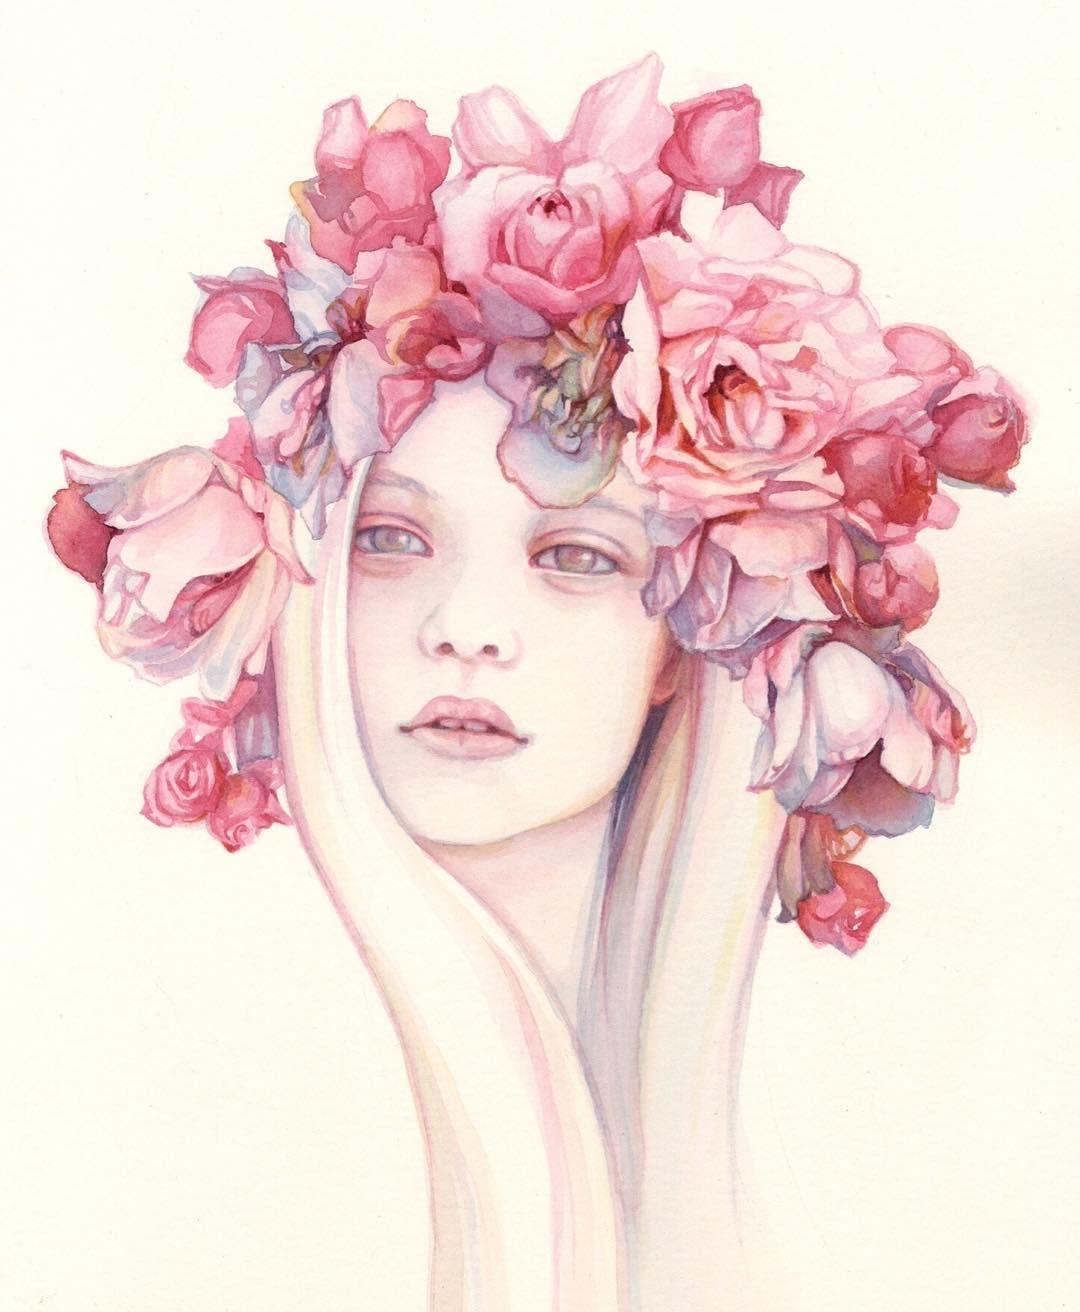 Pink - woman - roses - watercolor - \